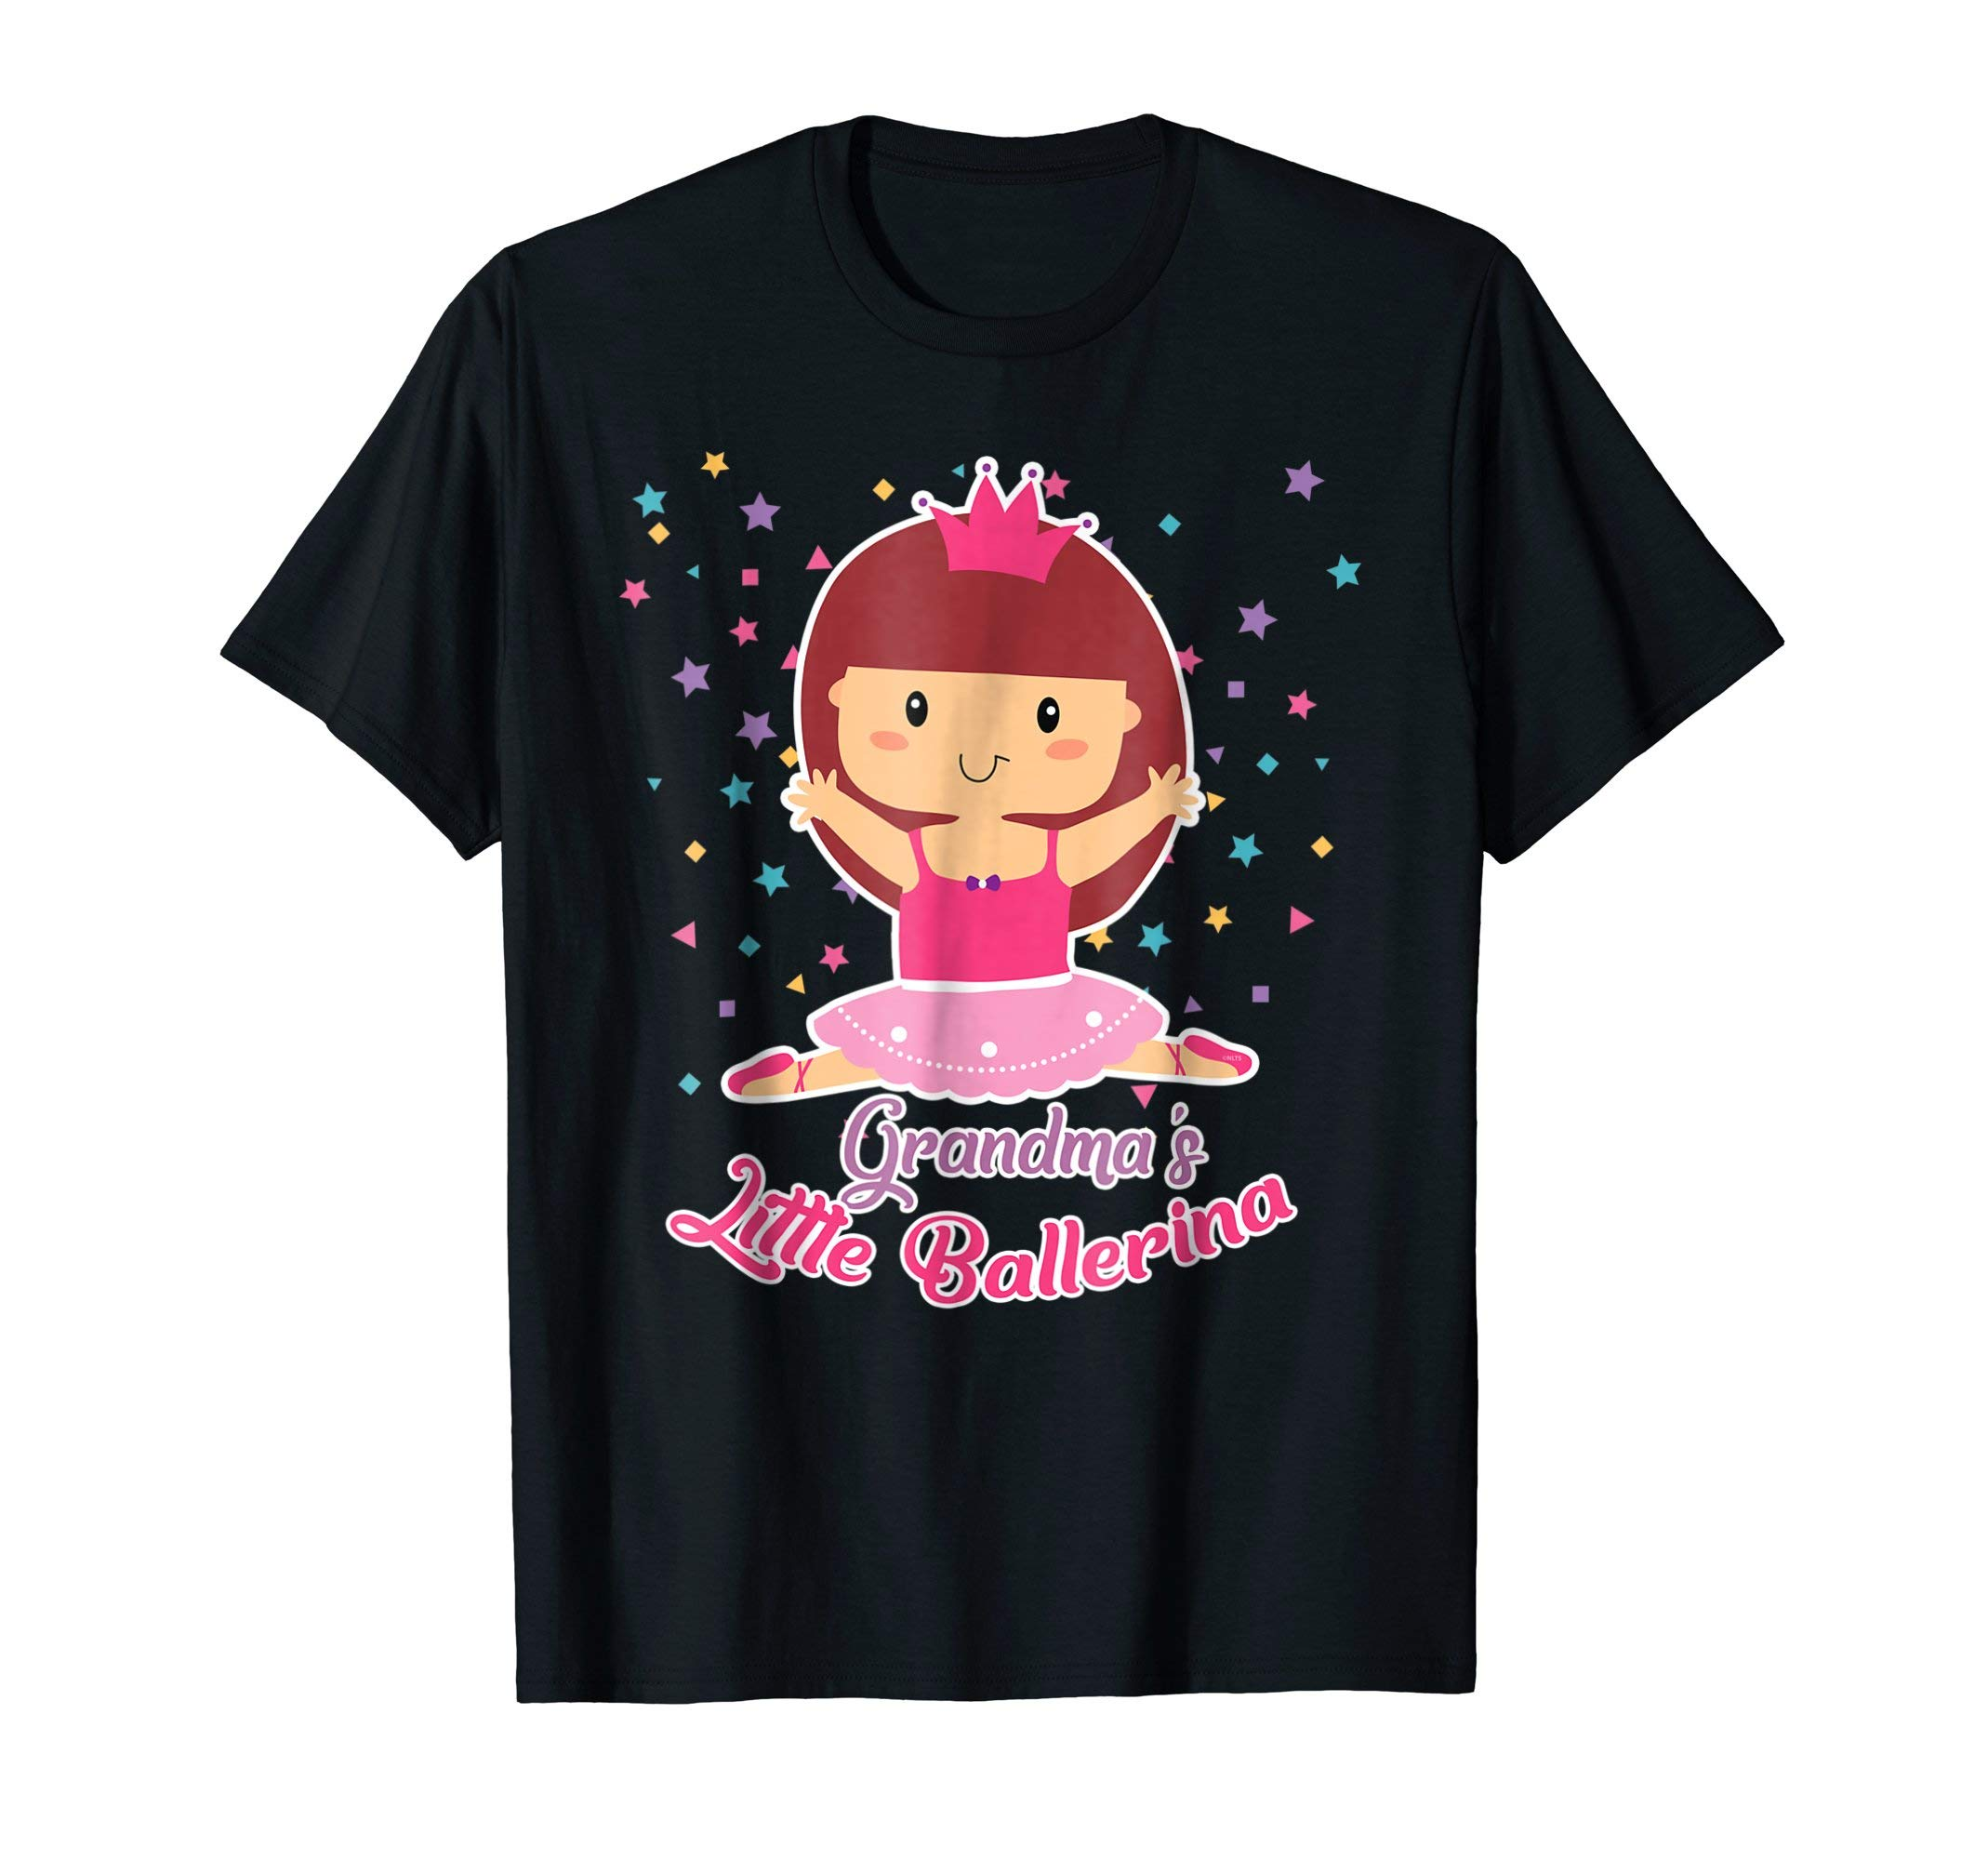 Grandmas-Little-Ballerina-Shirt-Ballet-Gifts-T-Shirt-Tee